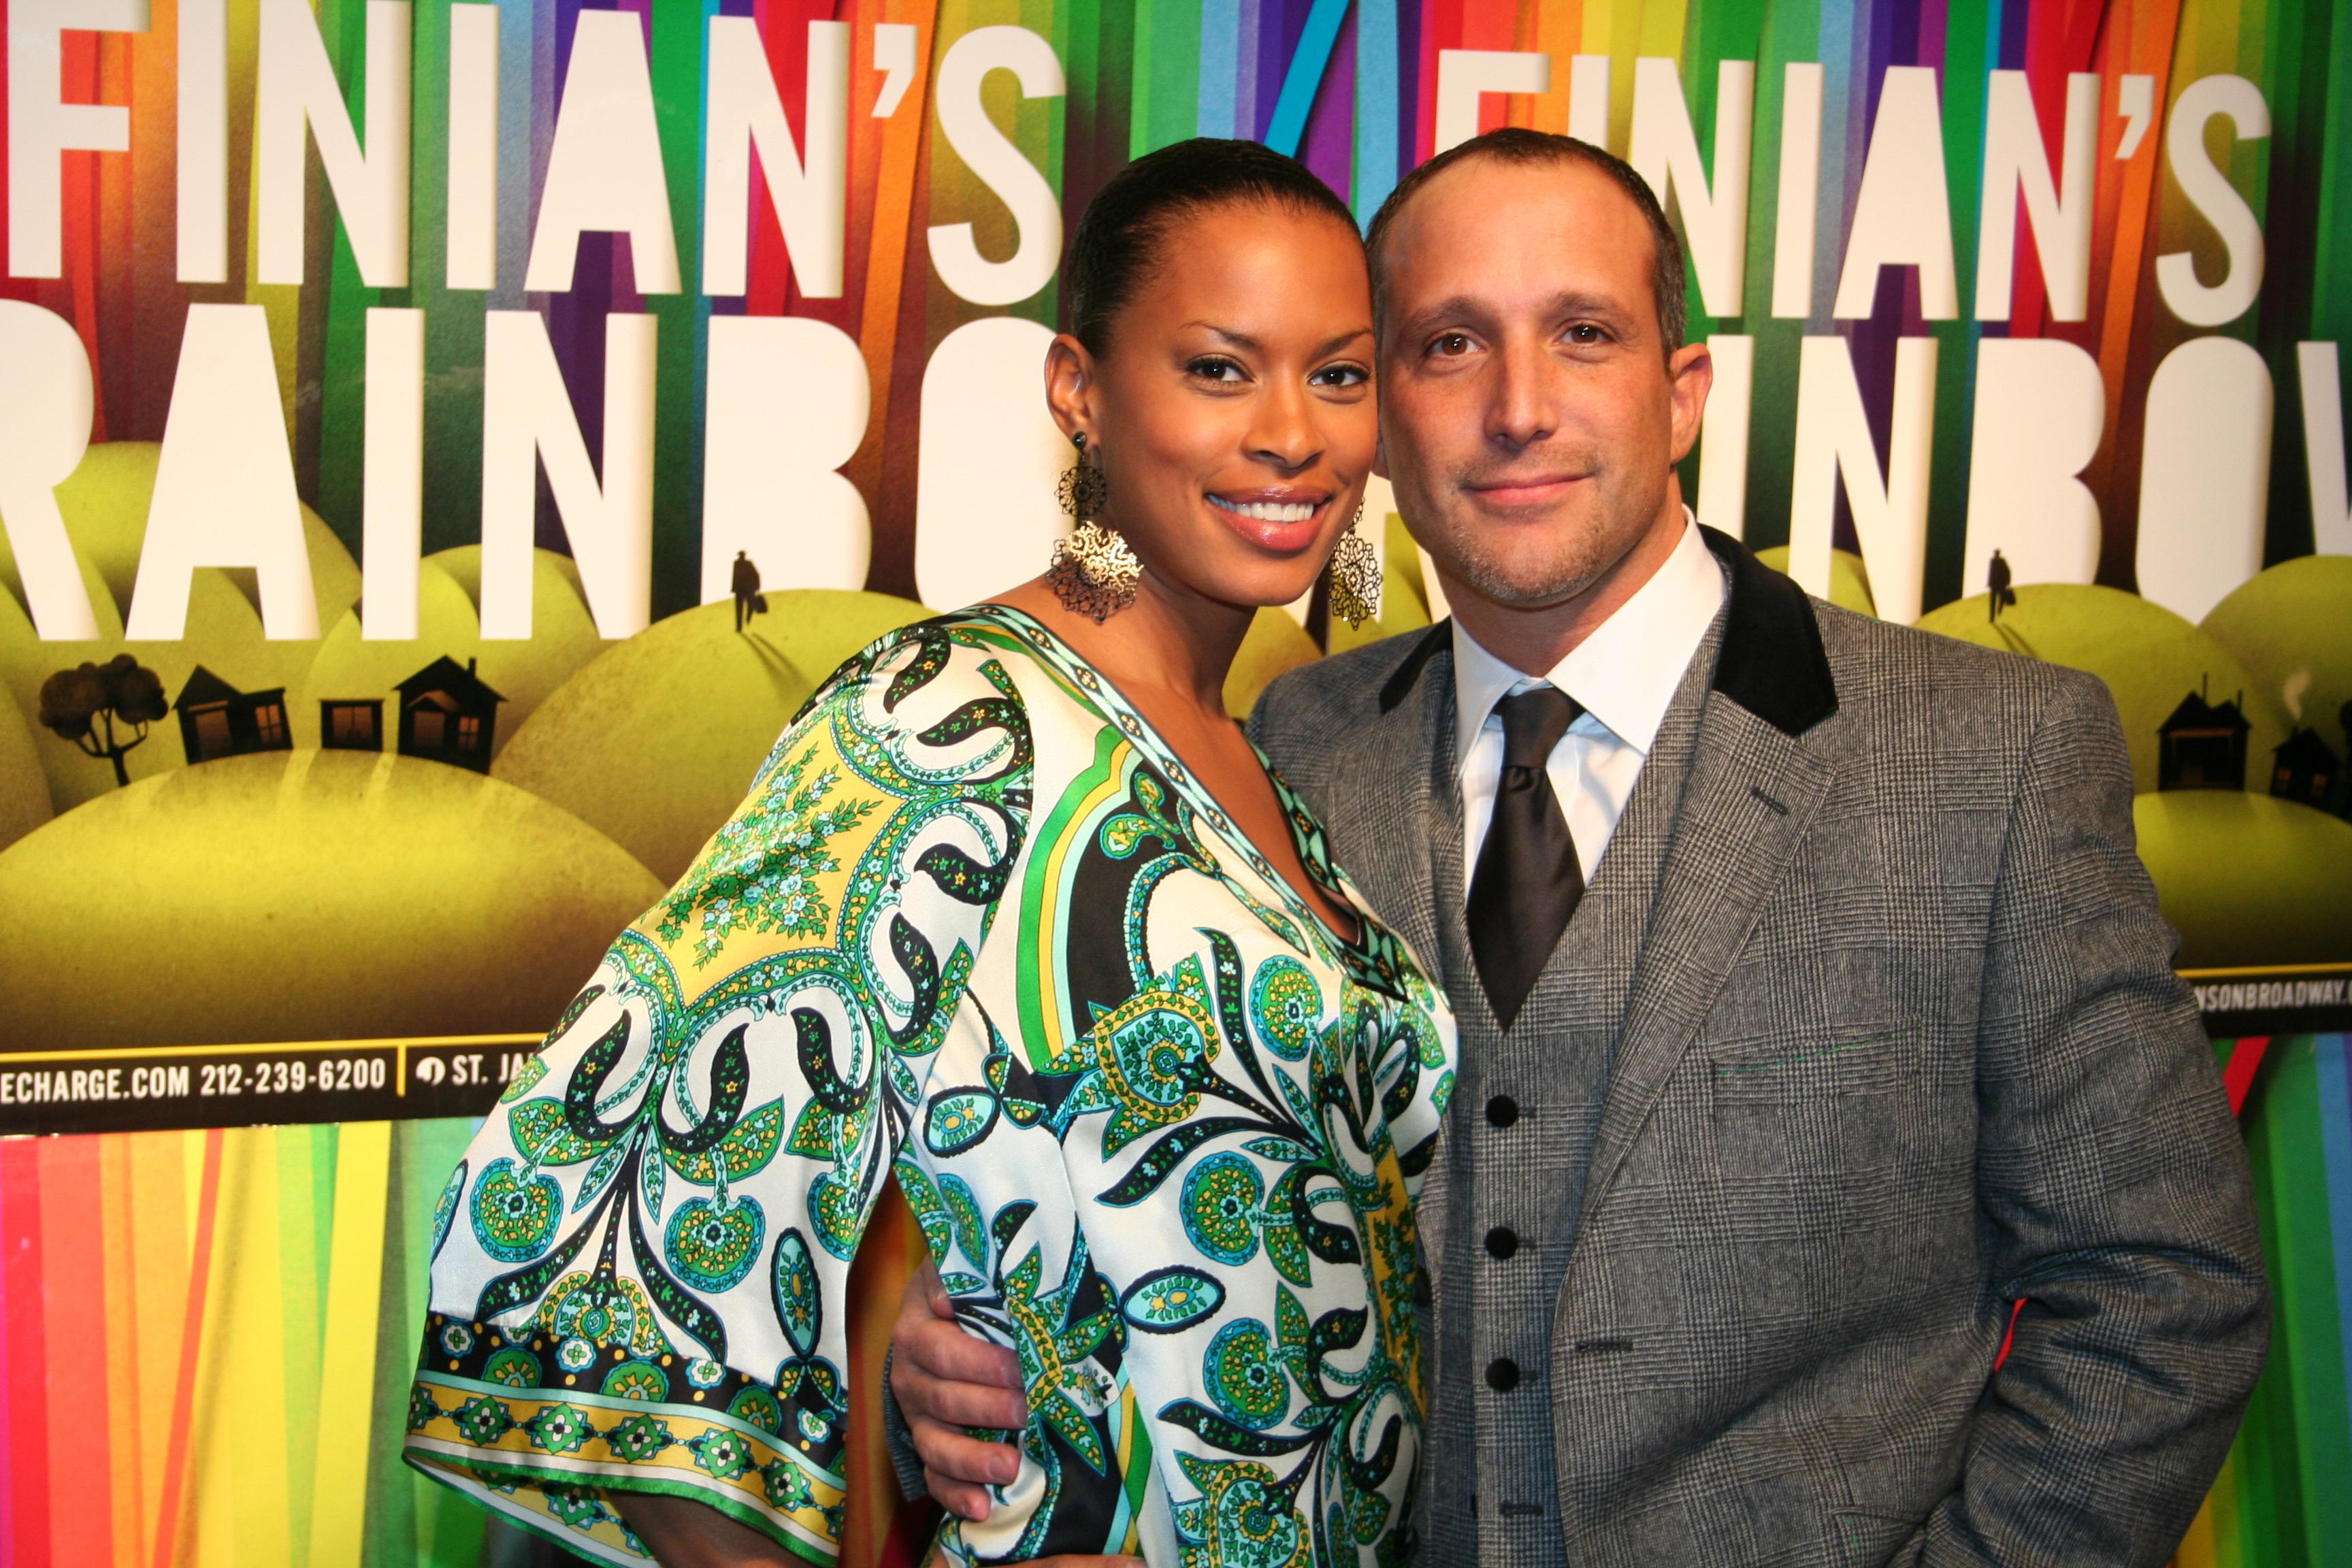 Kearran Giovanni with her spouse Philip Ambrosino